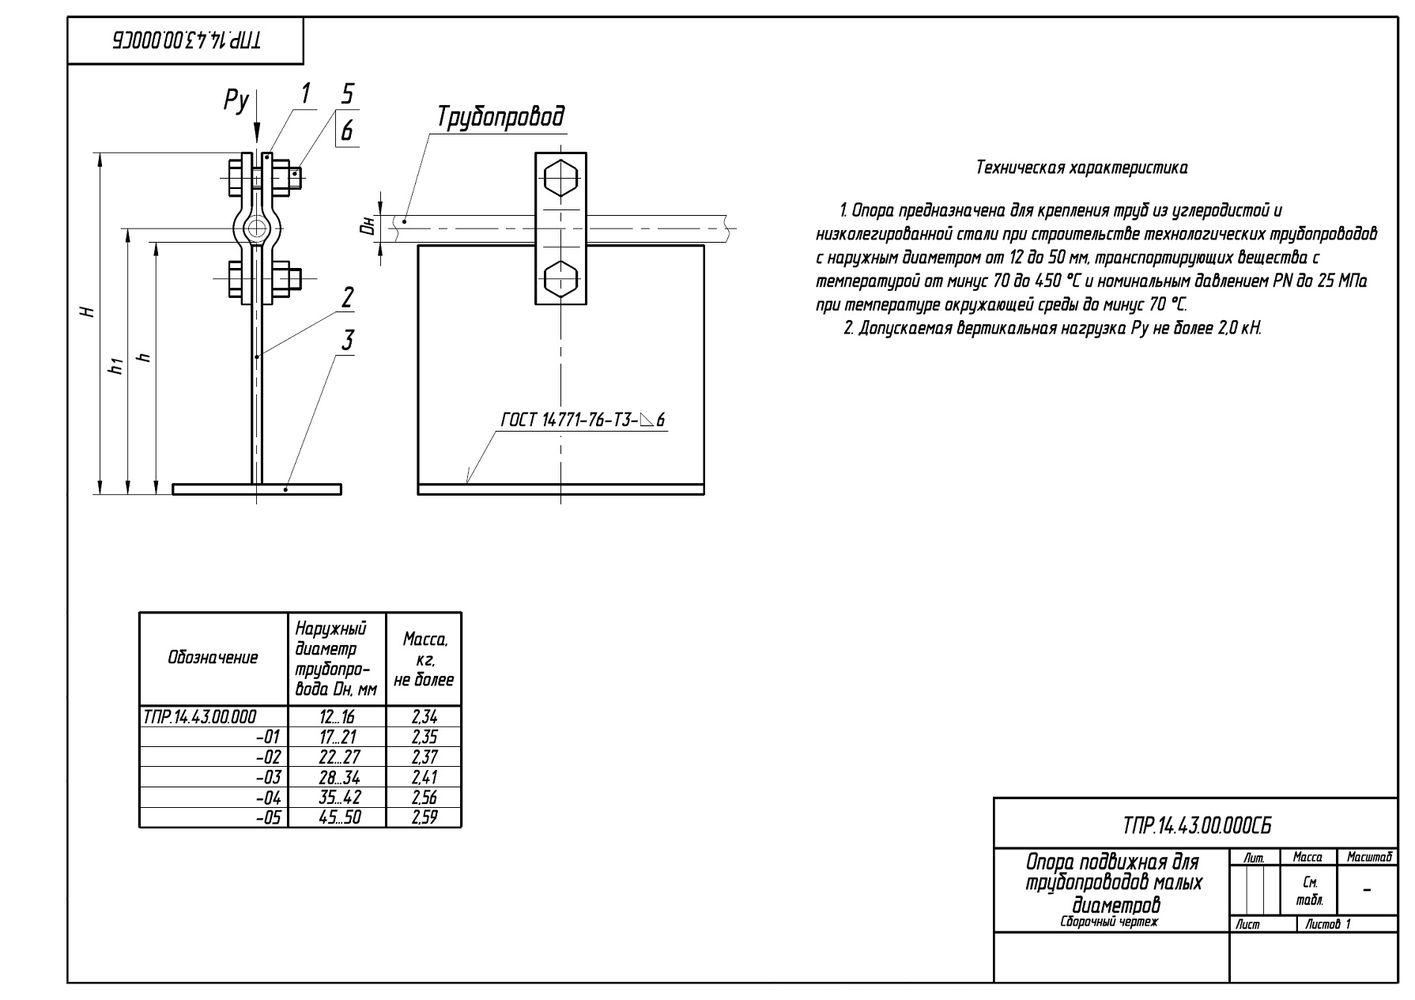 ТПР.14.43.00.000 Опоры подвижные для трубопроводов малых диаметров Дн 12-50 мм